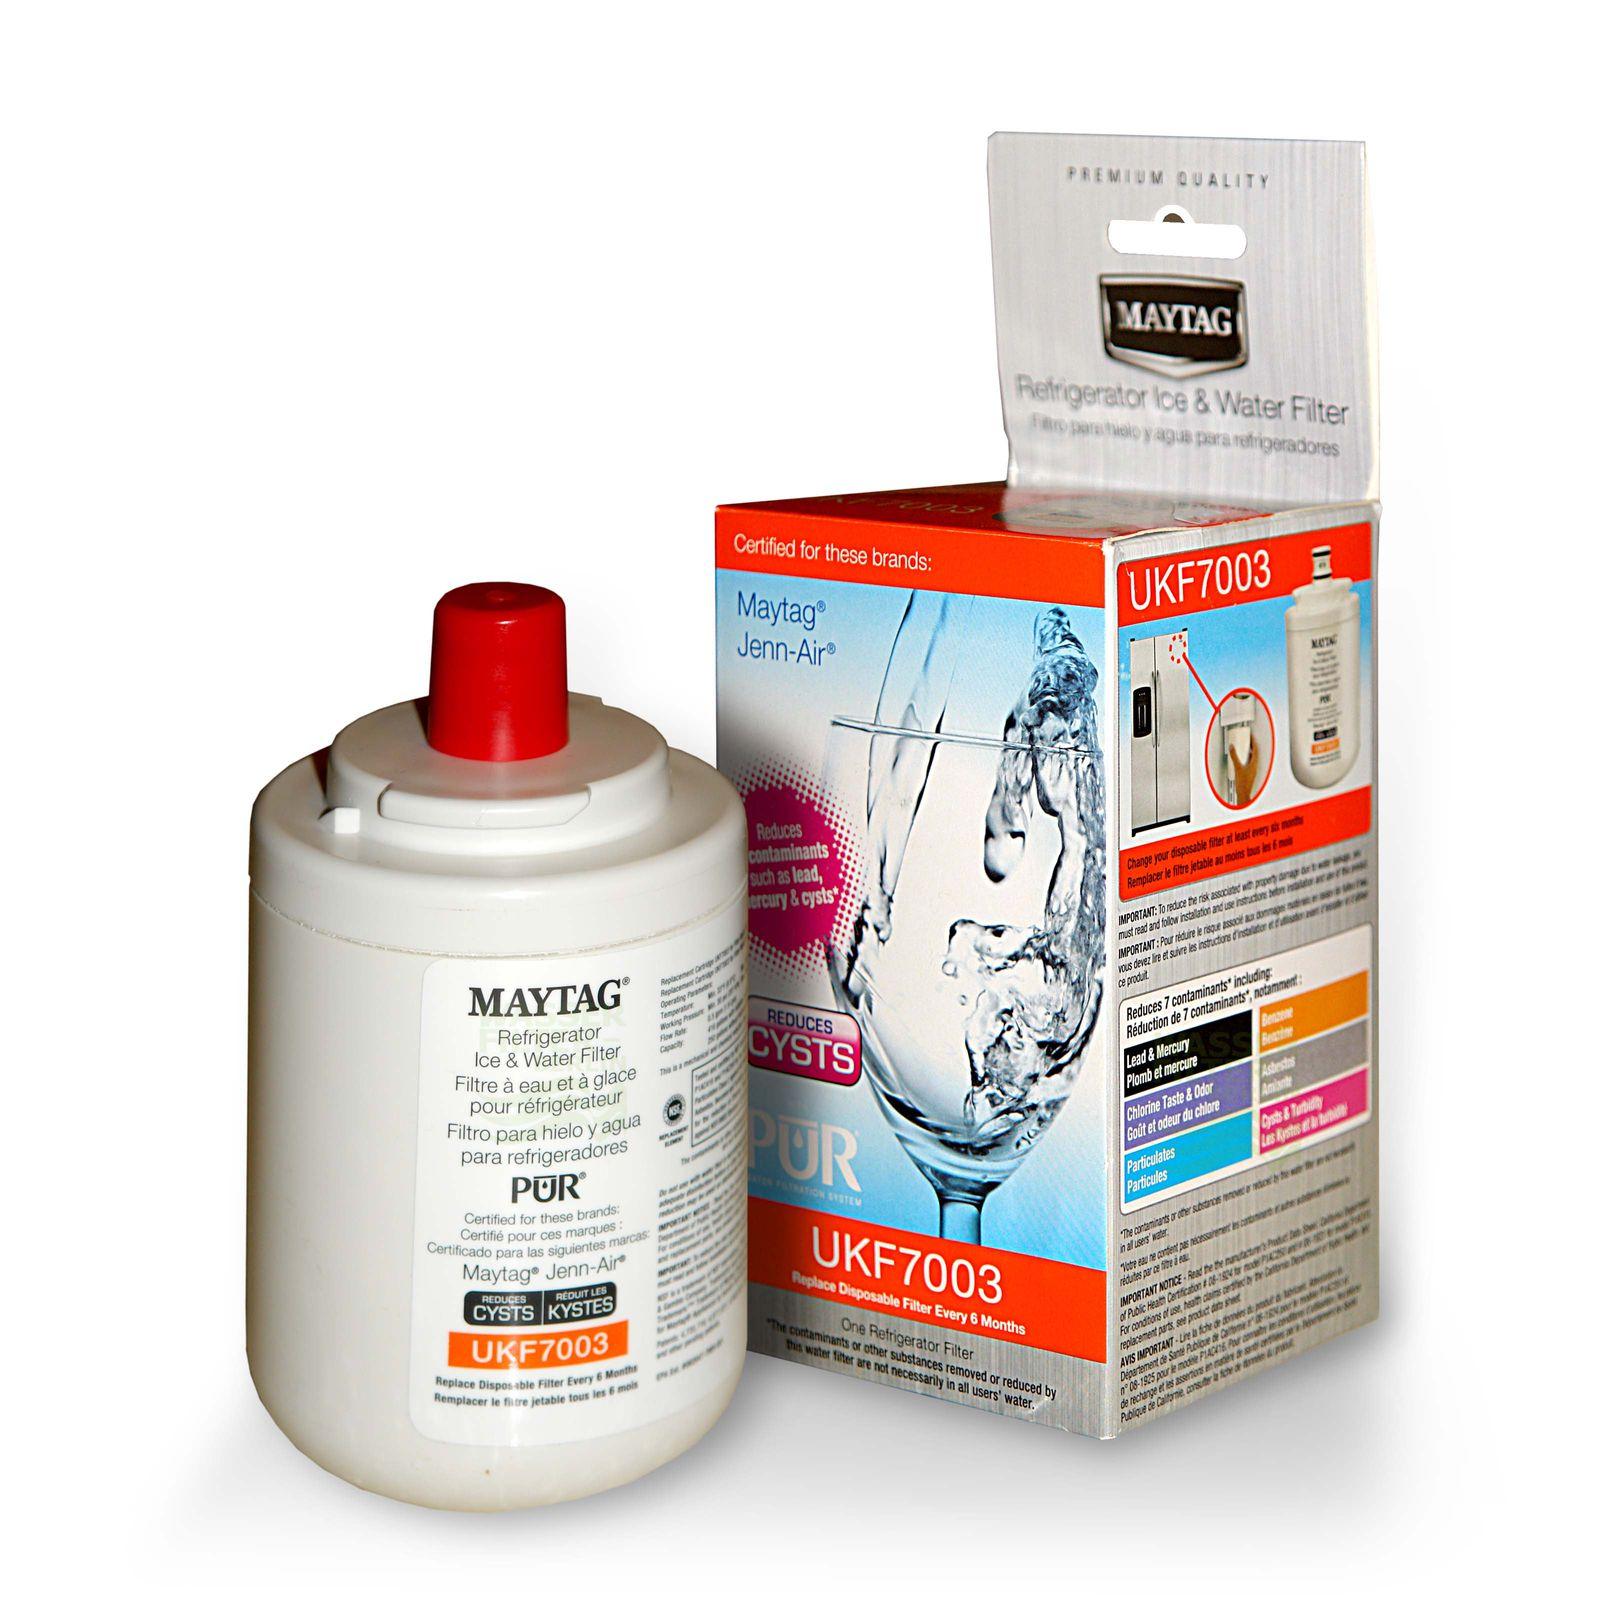 Maytag UKF7003 Kühlschrankfilter, Beko Wasserfilter, 4830310100 ...